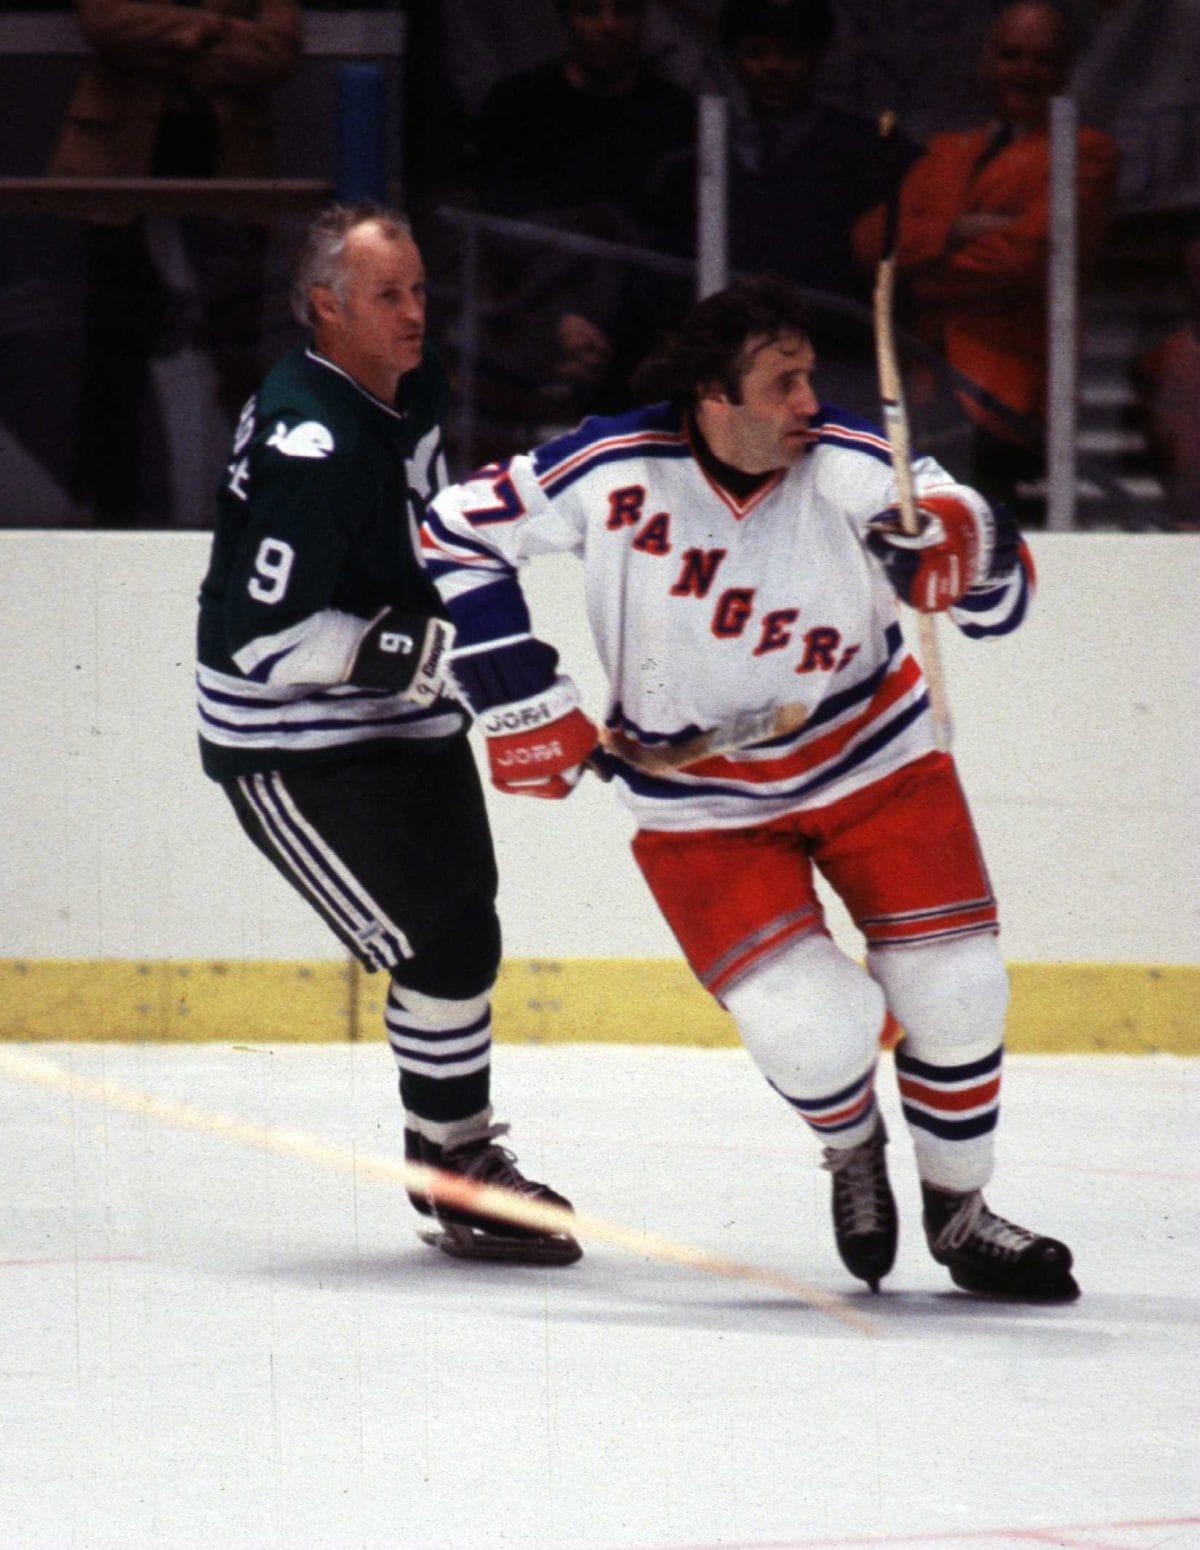 Gordie Howe Hartford Whalers Phil Esposito New York Rangers